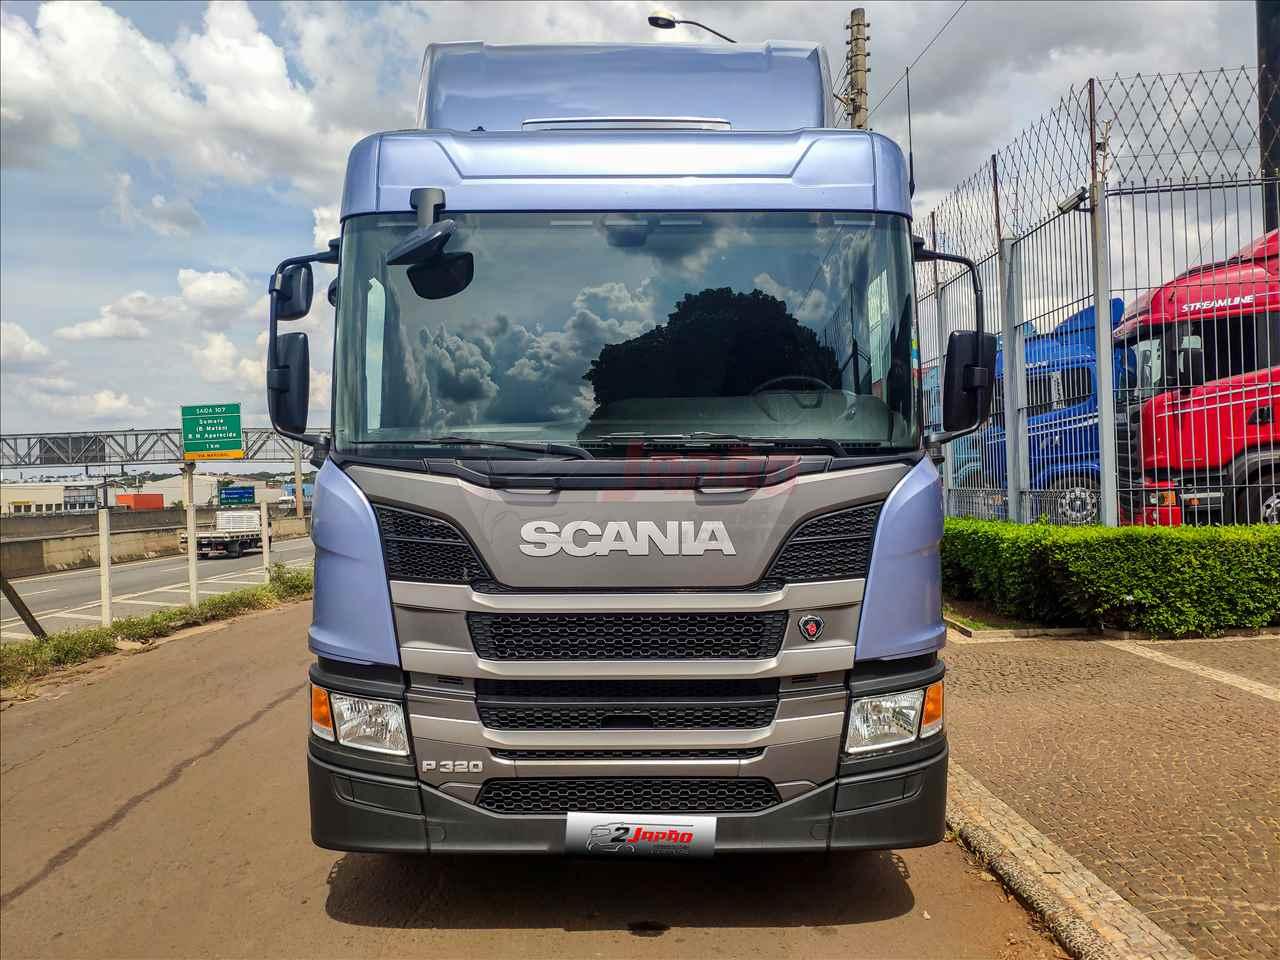 SCANIA SCANIA 320 89000km 2019/2019 2 Japão Caminhões e Carretas